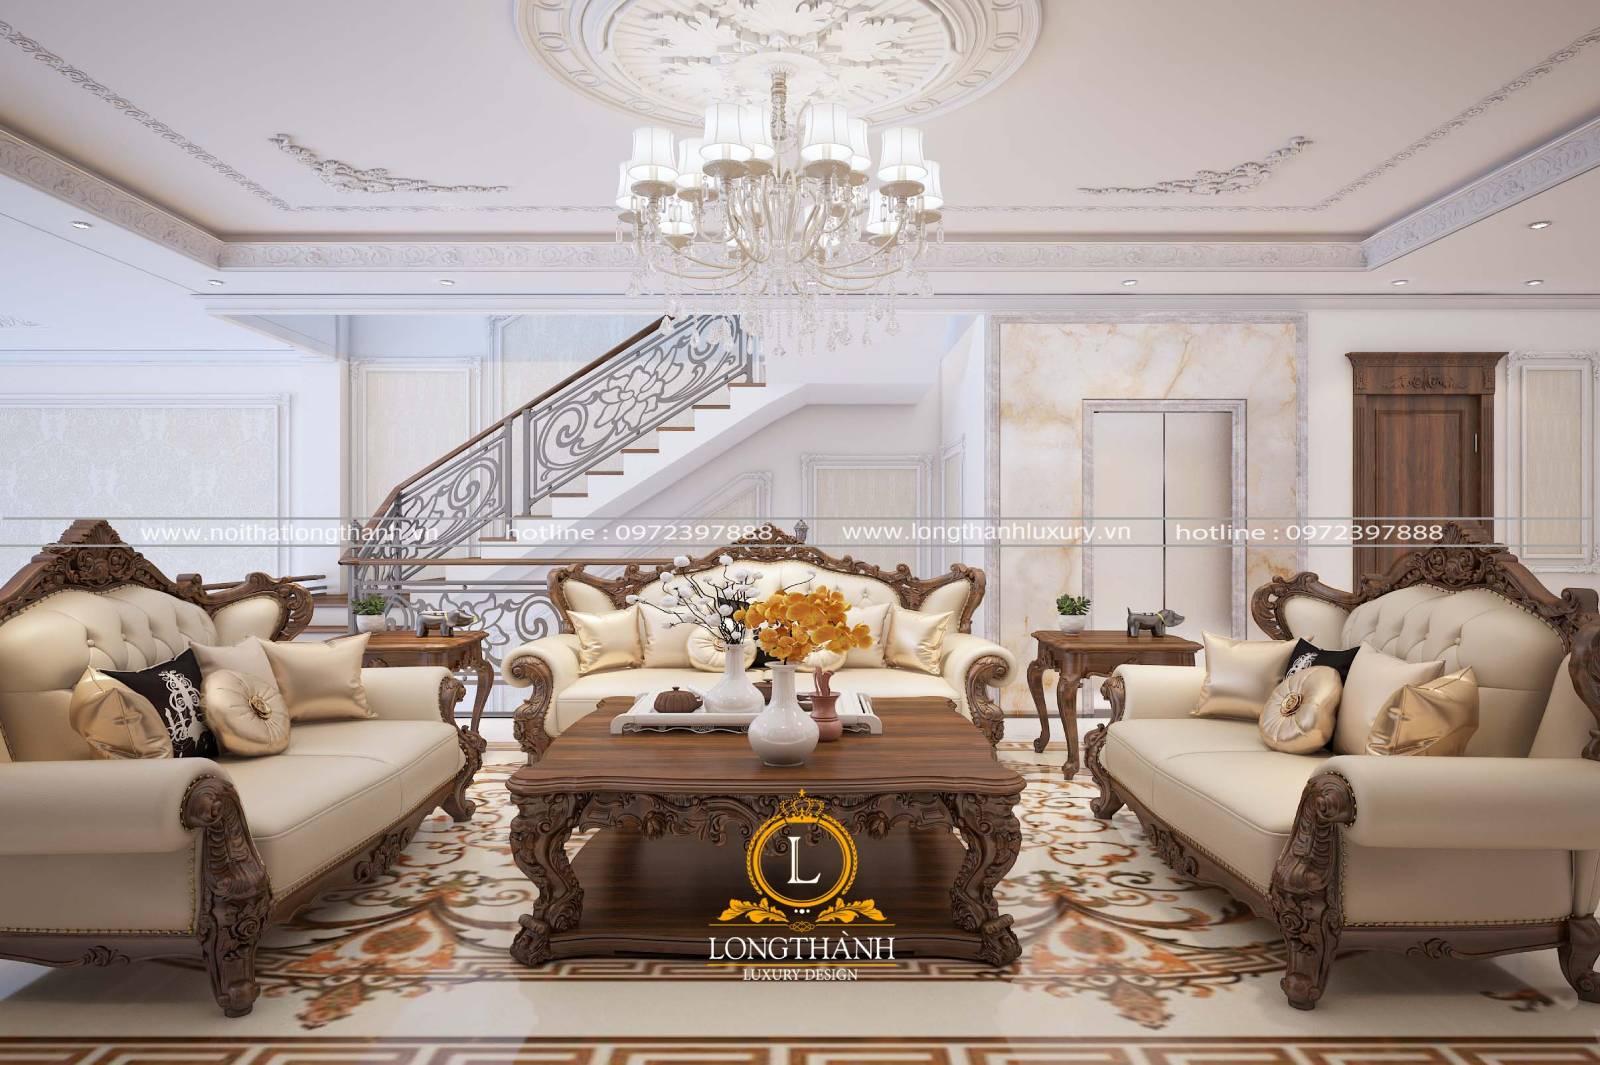 Phòng khách tân cổ điển có cầu thang với thiết kế sang trọng hiện đại